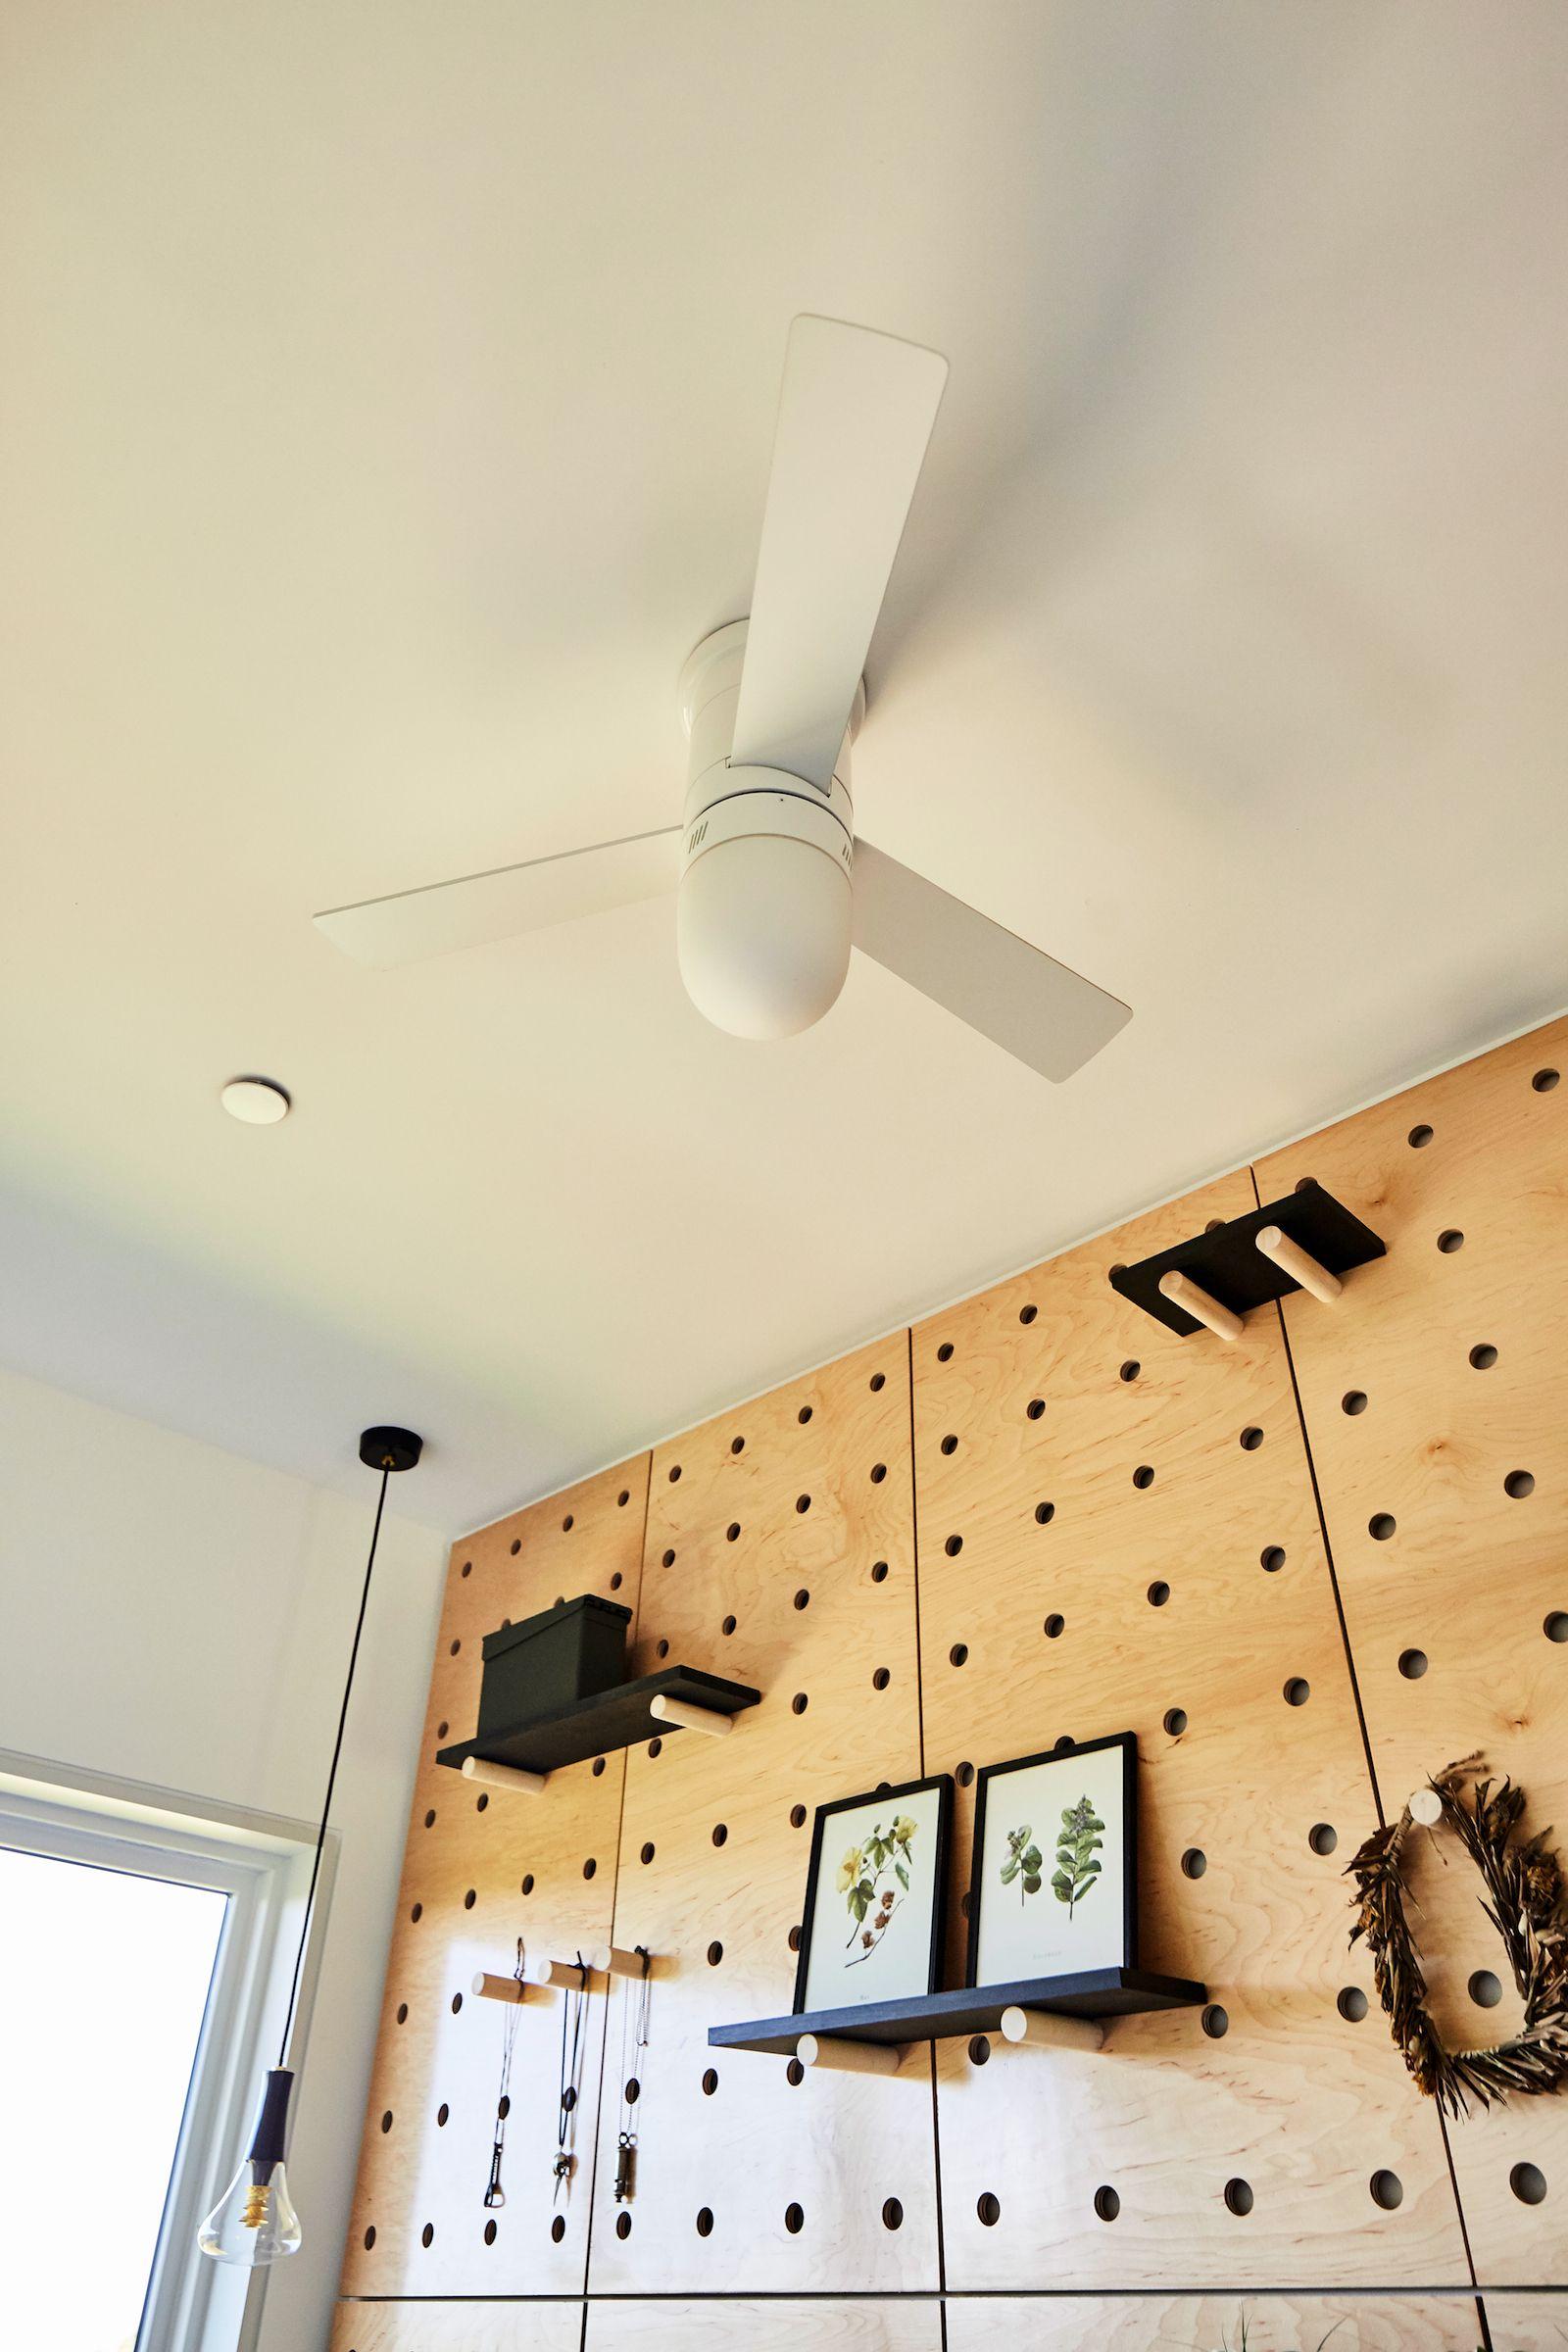 Cirrus Flush Ceiling Fan Images